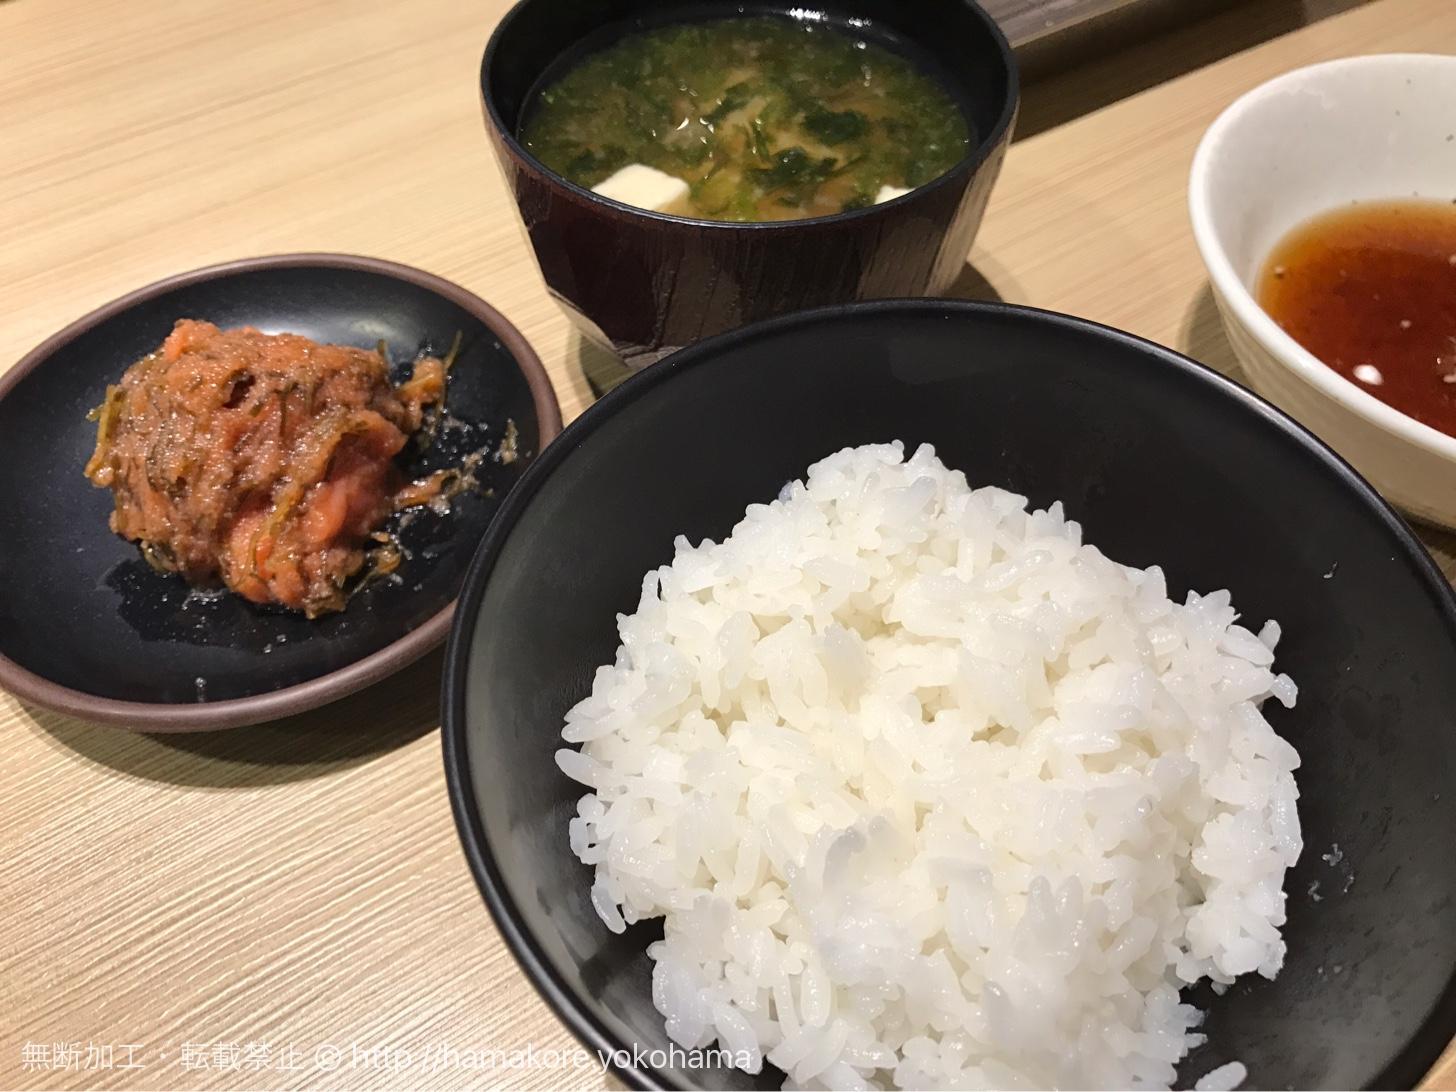 ご飯と味噌汁、天ぷら7種類(豚肉・海老・魚介2種・野菜3種)の入った「たかお定食」